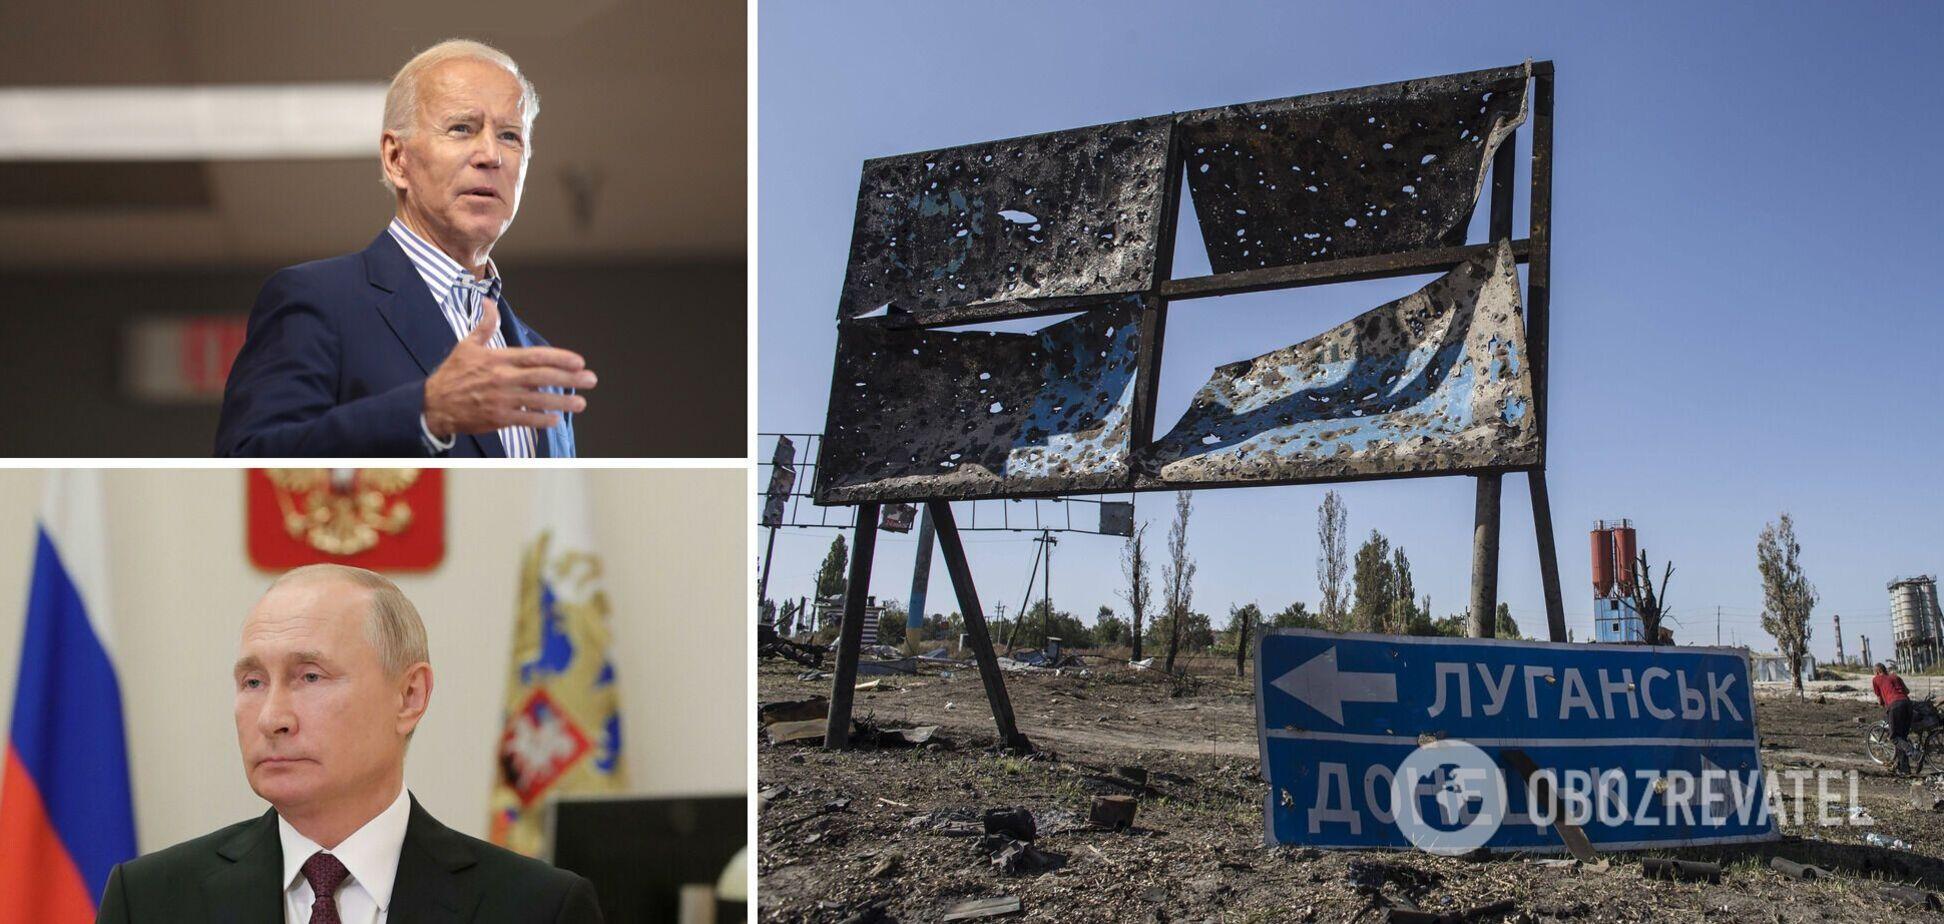 В переговорах по Донбассу нужны США, потому что Кремль их боится, – Аслунд